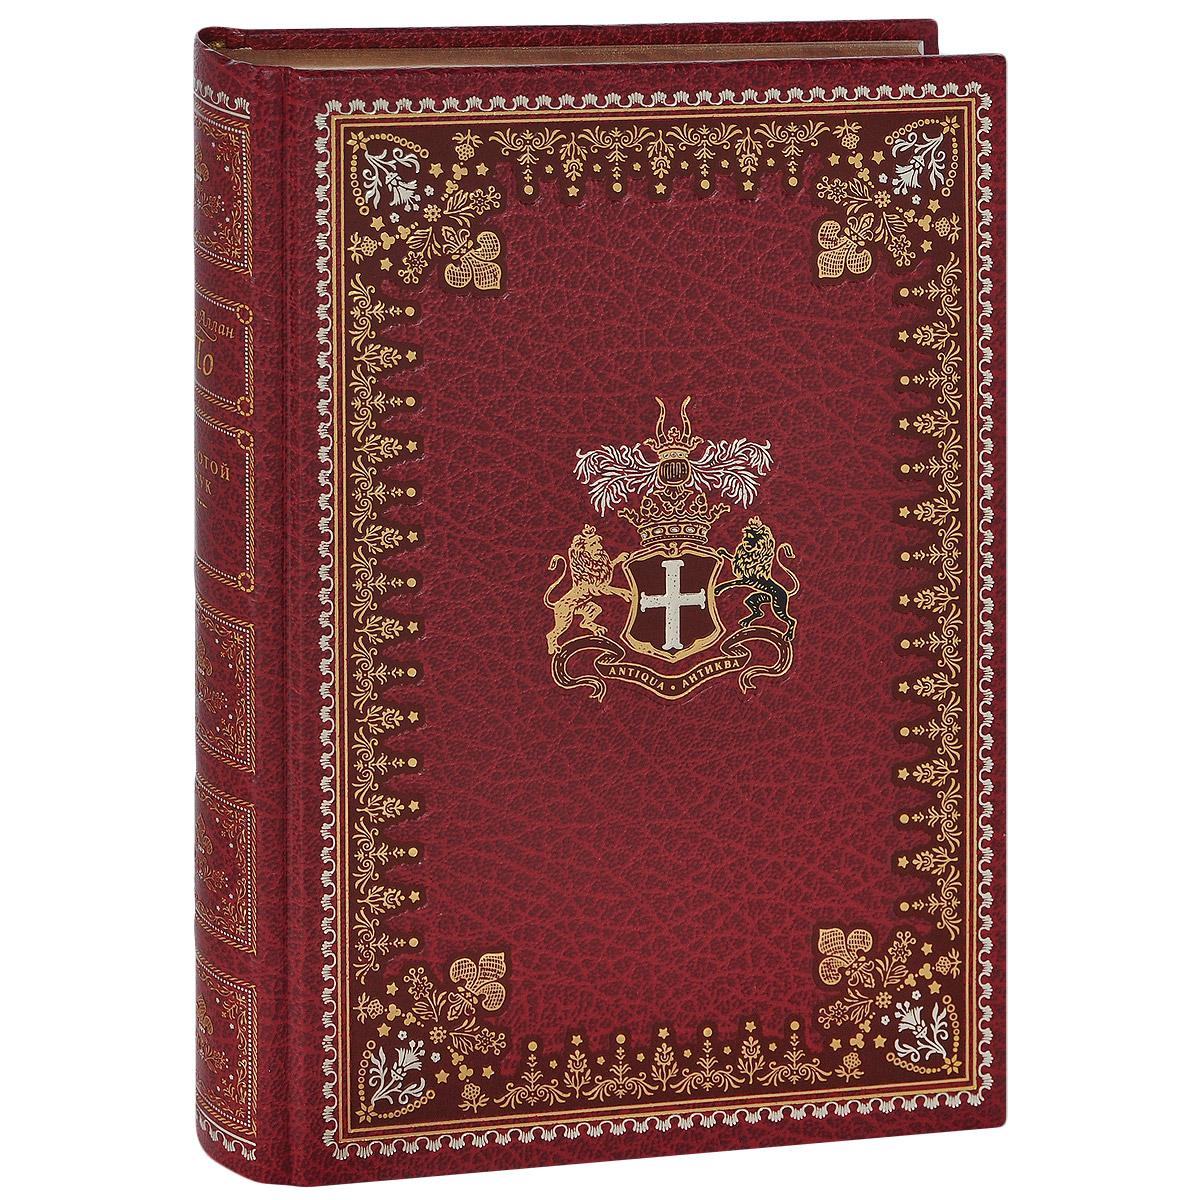 Эдгар Аллан По Золотой жук (подарочное издание) эдраг аллан по золотой жук